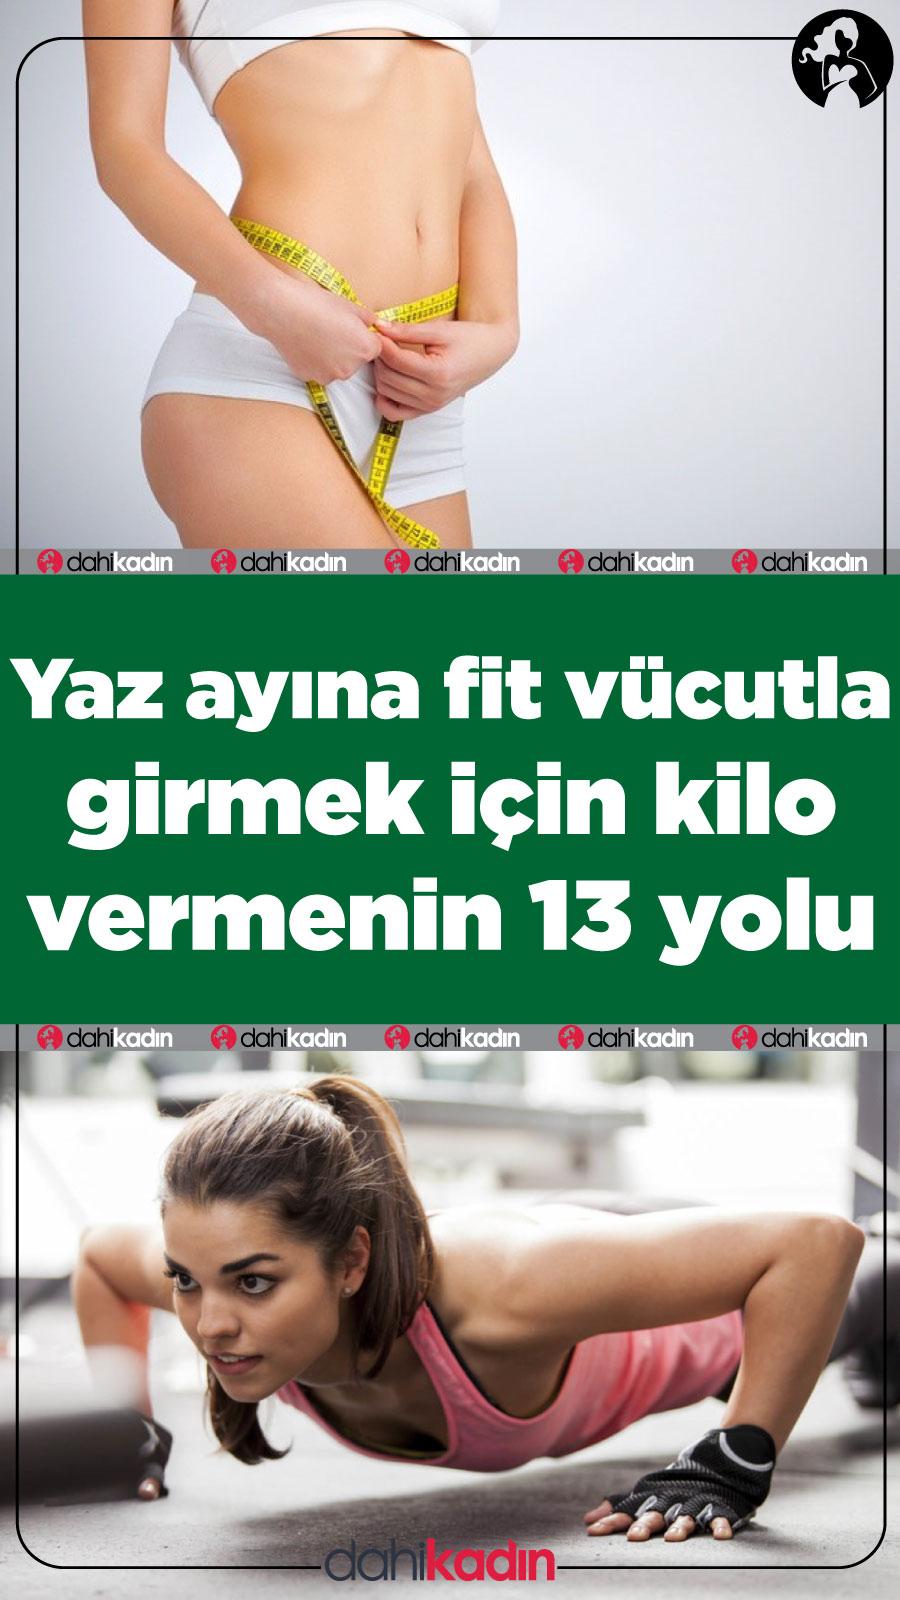 Yaz ayına fit vücutla girmek için kilo vermenin 13 yolu